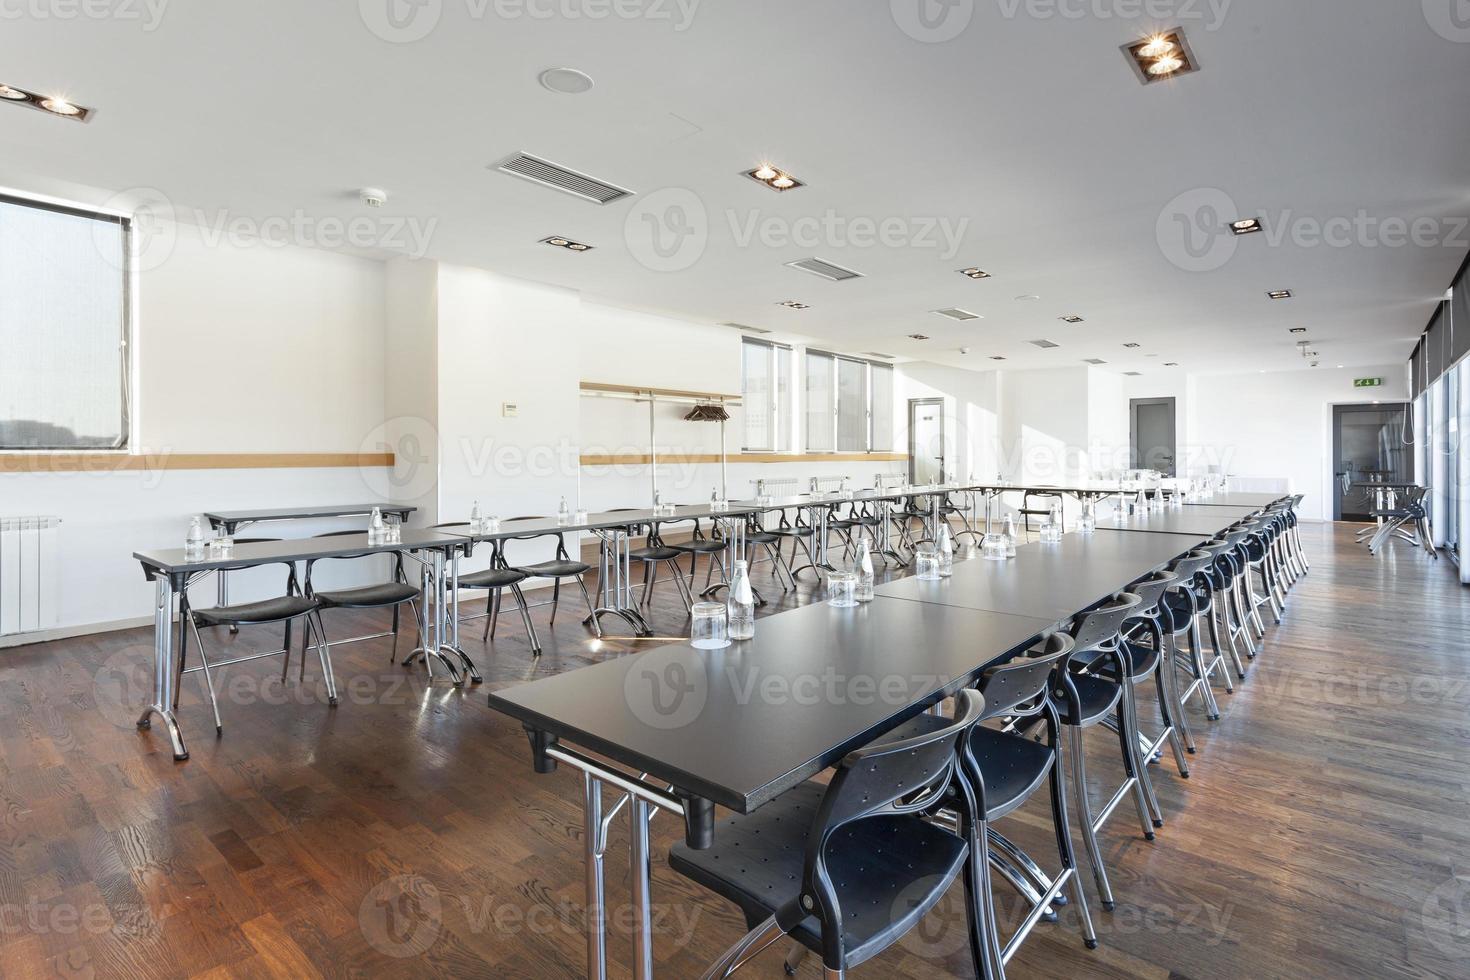 stort konferensrum redo för affärsmöte foto